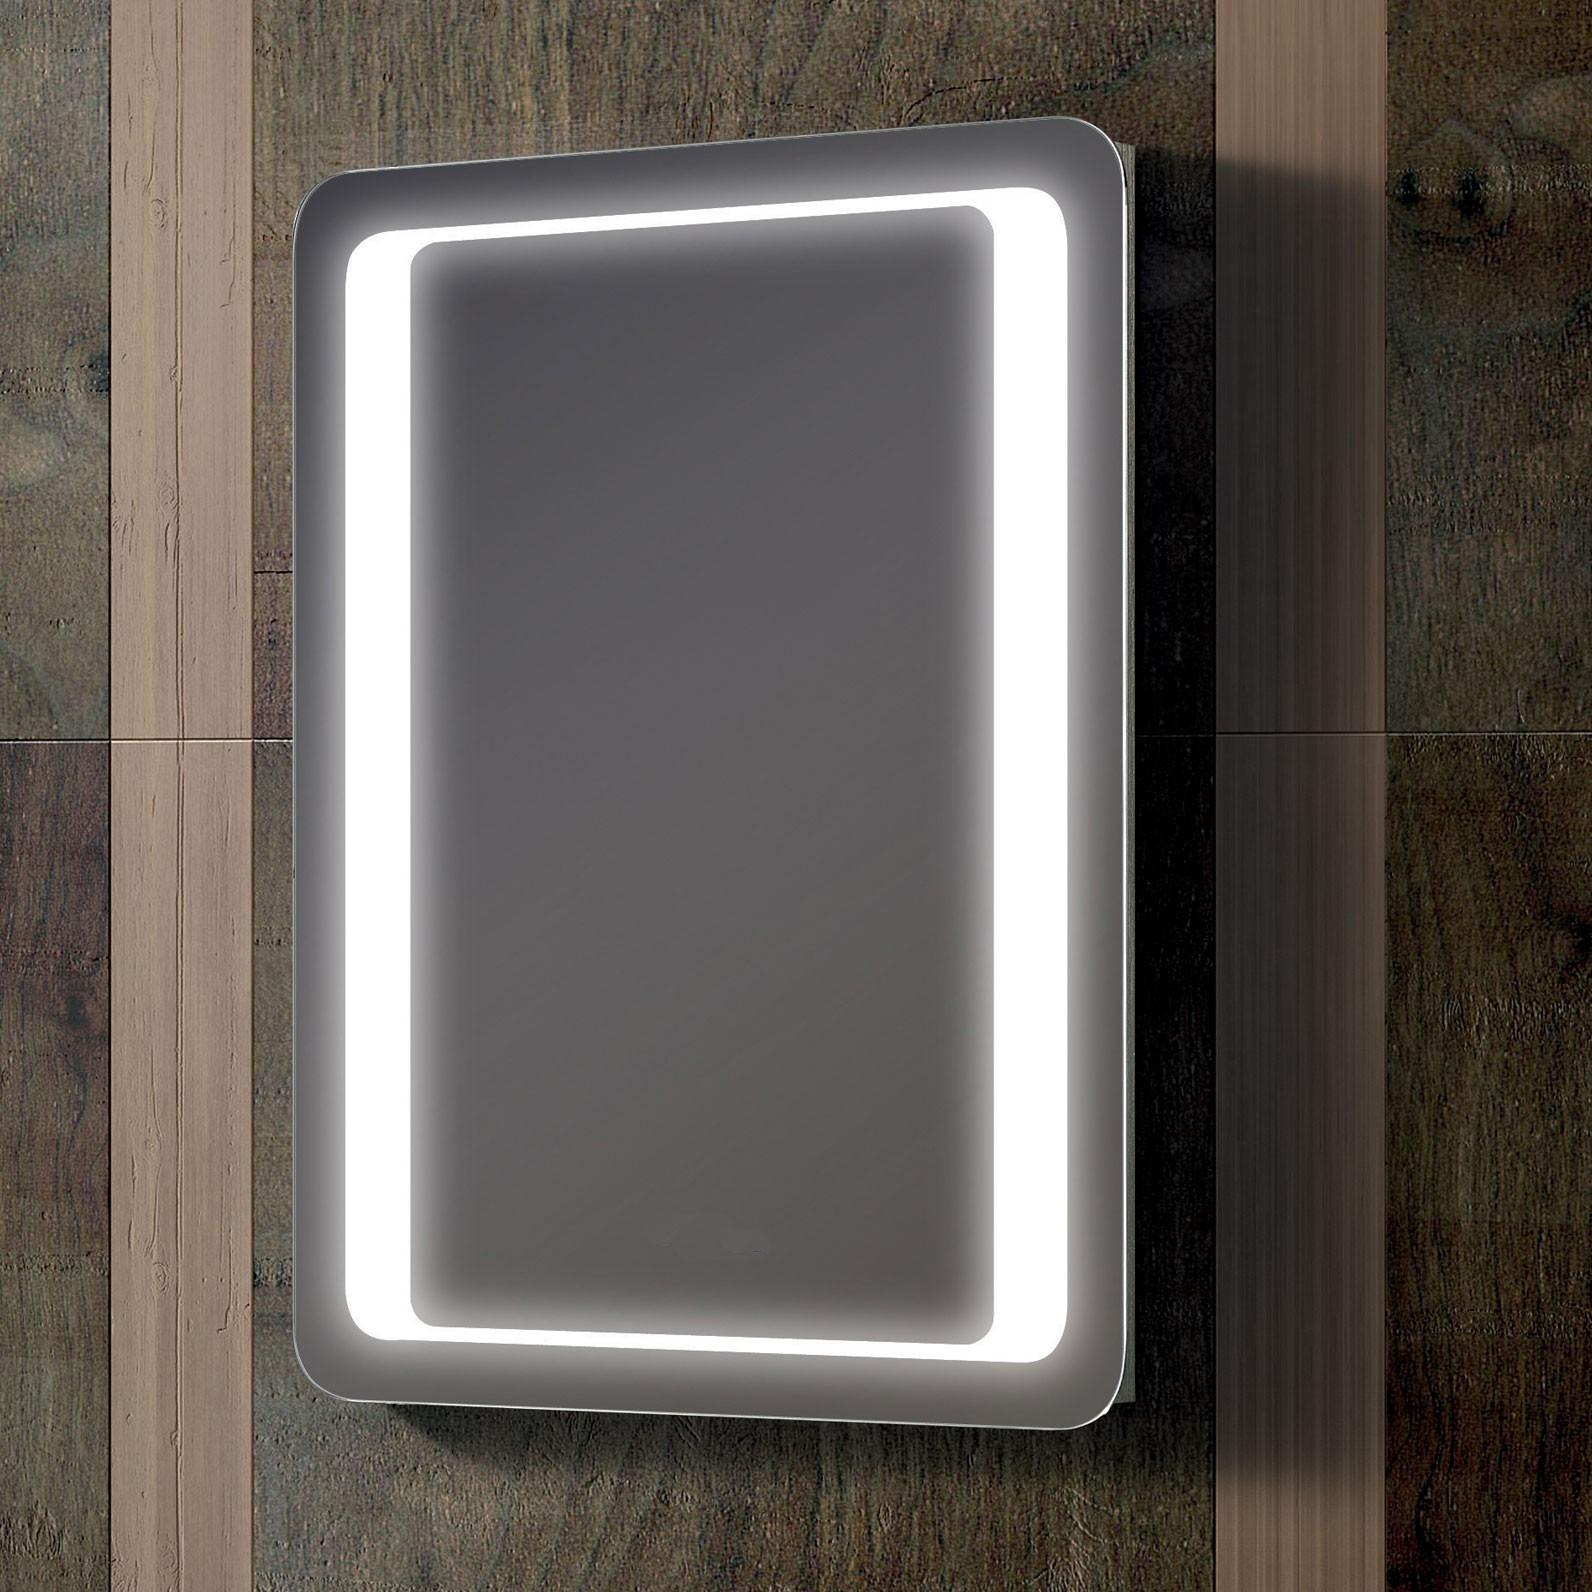 Backlit Bathroom Mirror Demister